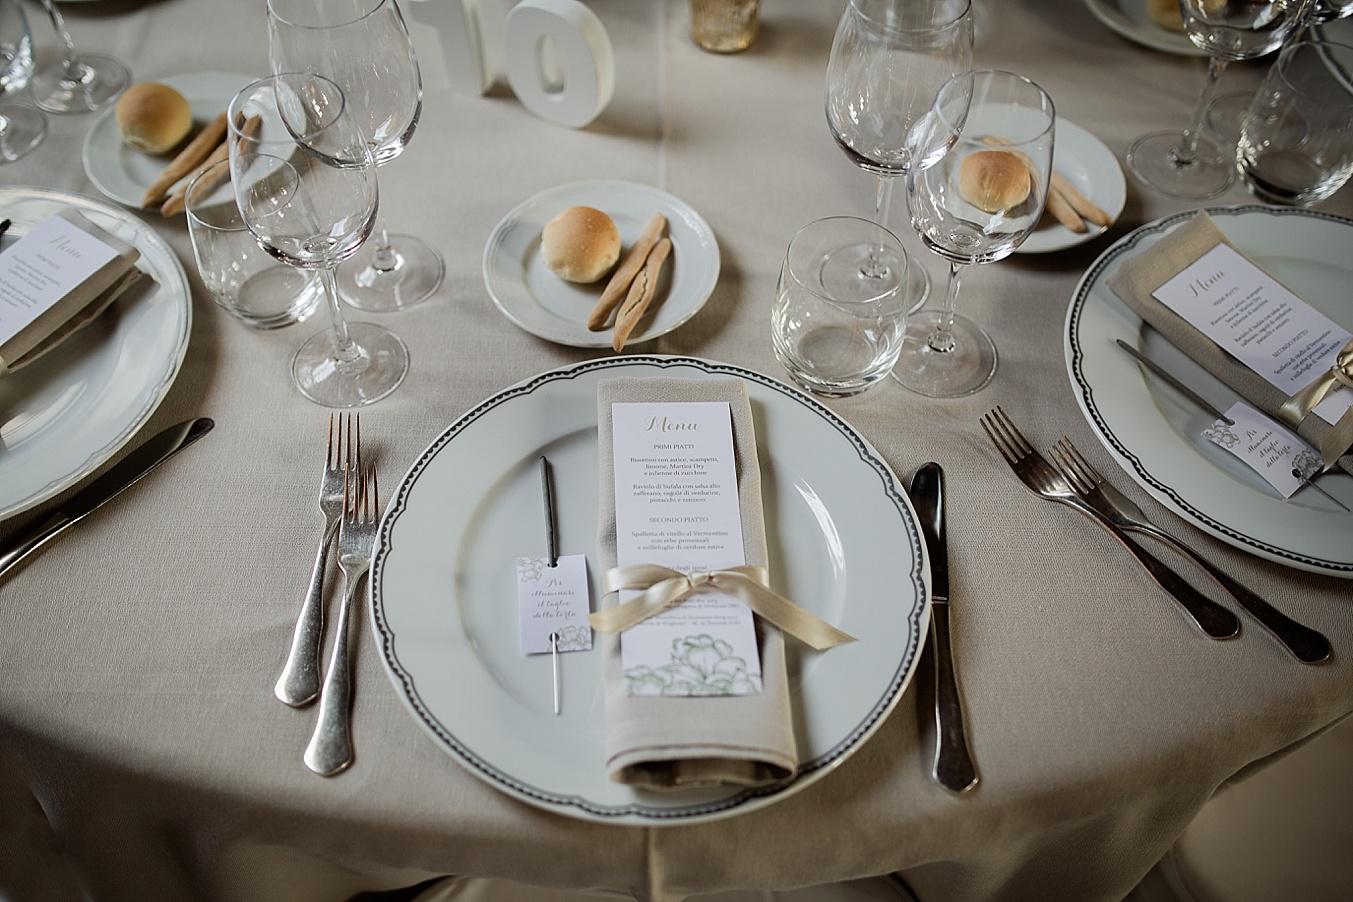 chic elegant wedding Italy place setting decor